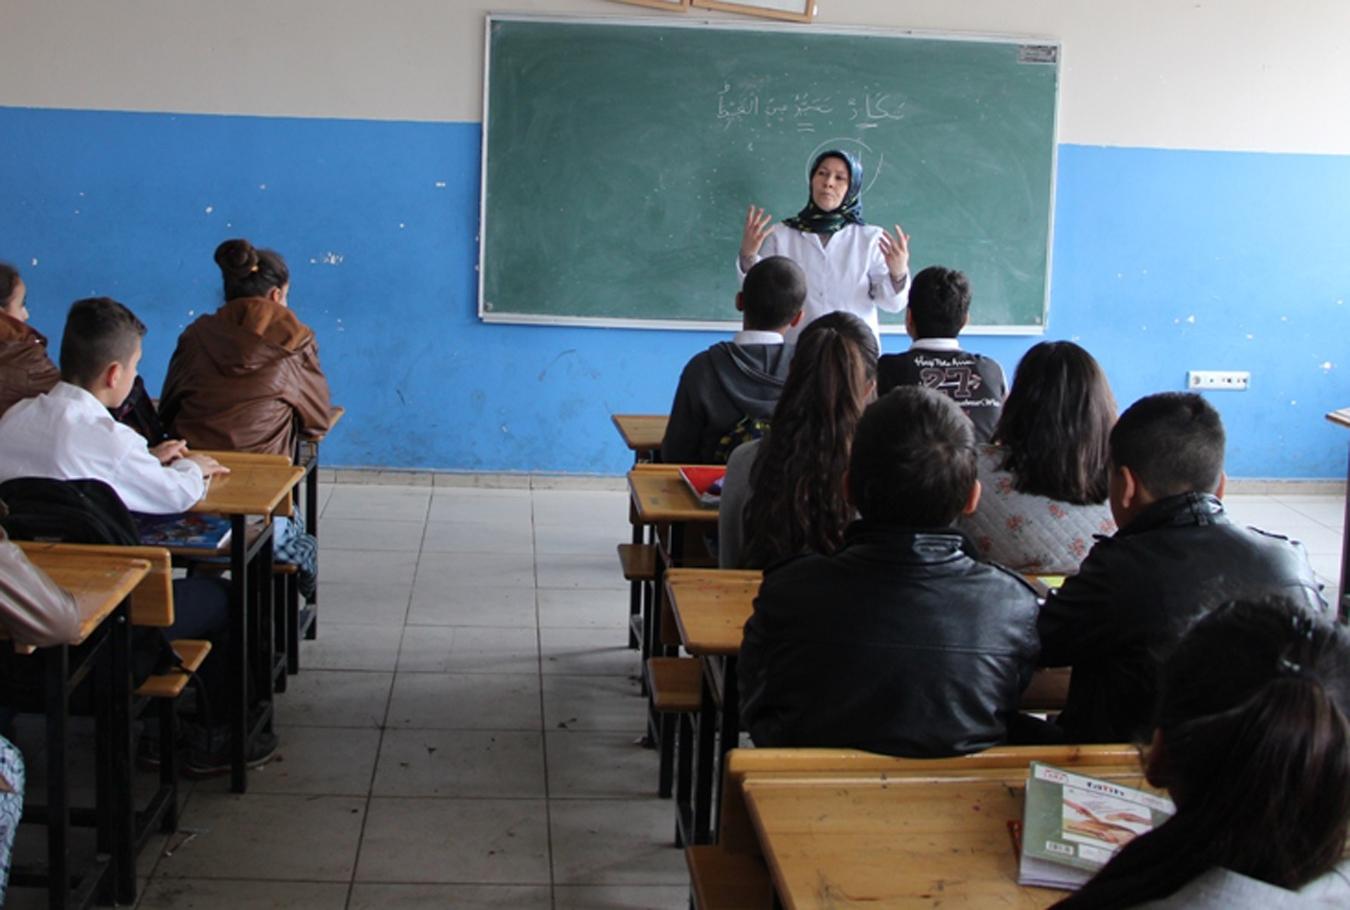 28 Şubat'ta Okuldan Atıldı Şubat Atamsıyla Öğretmen Oldu